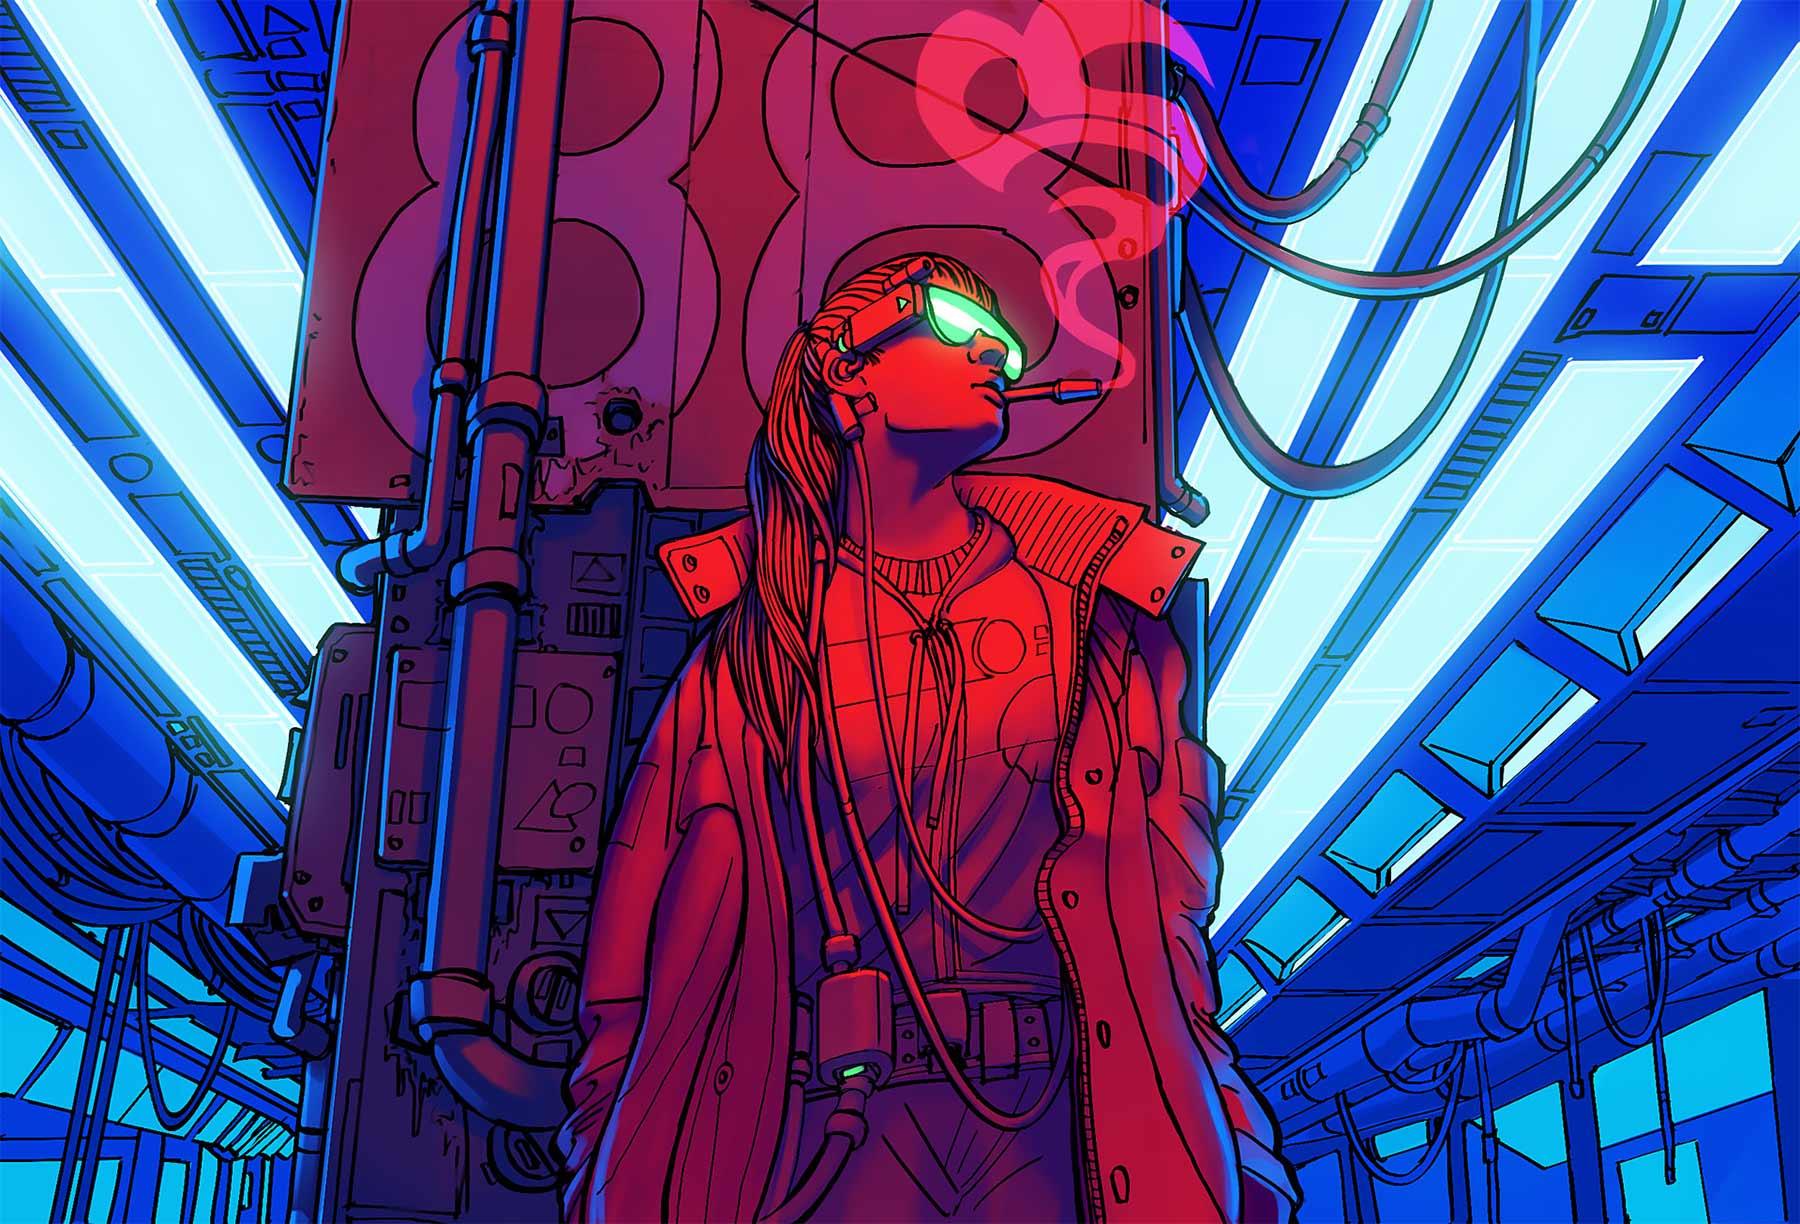 Aus langweiligen Alltagsgegenständen werden futuristische Raumschiffe Eric-Geusz_08